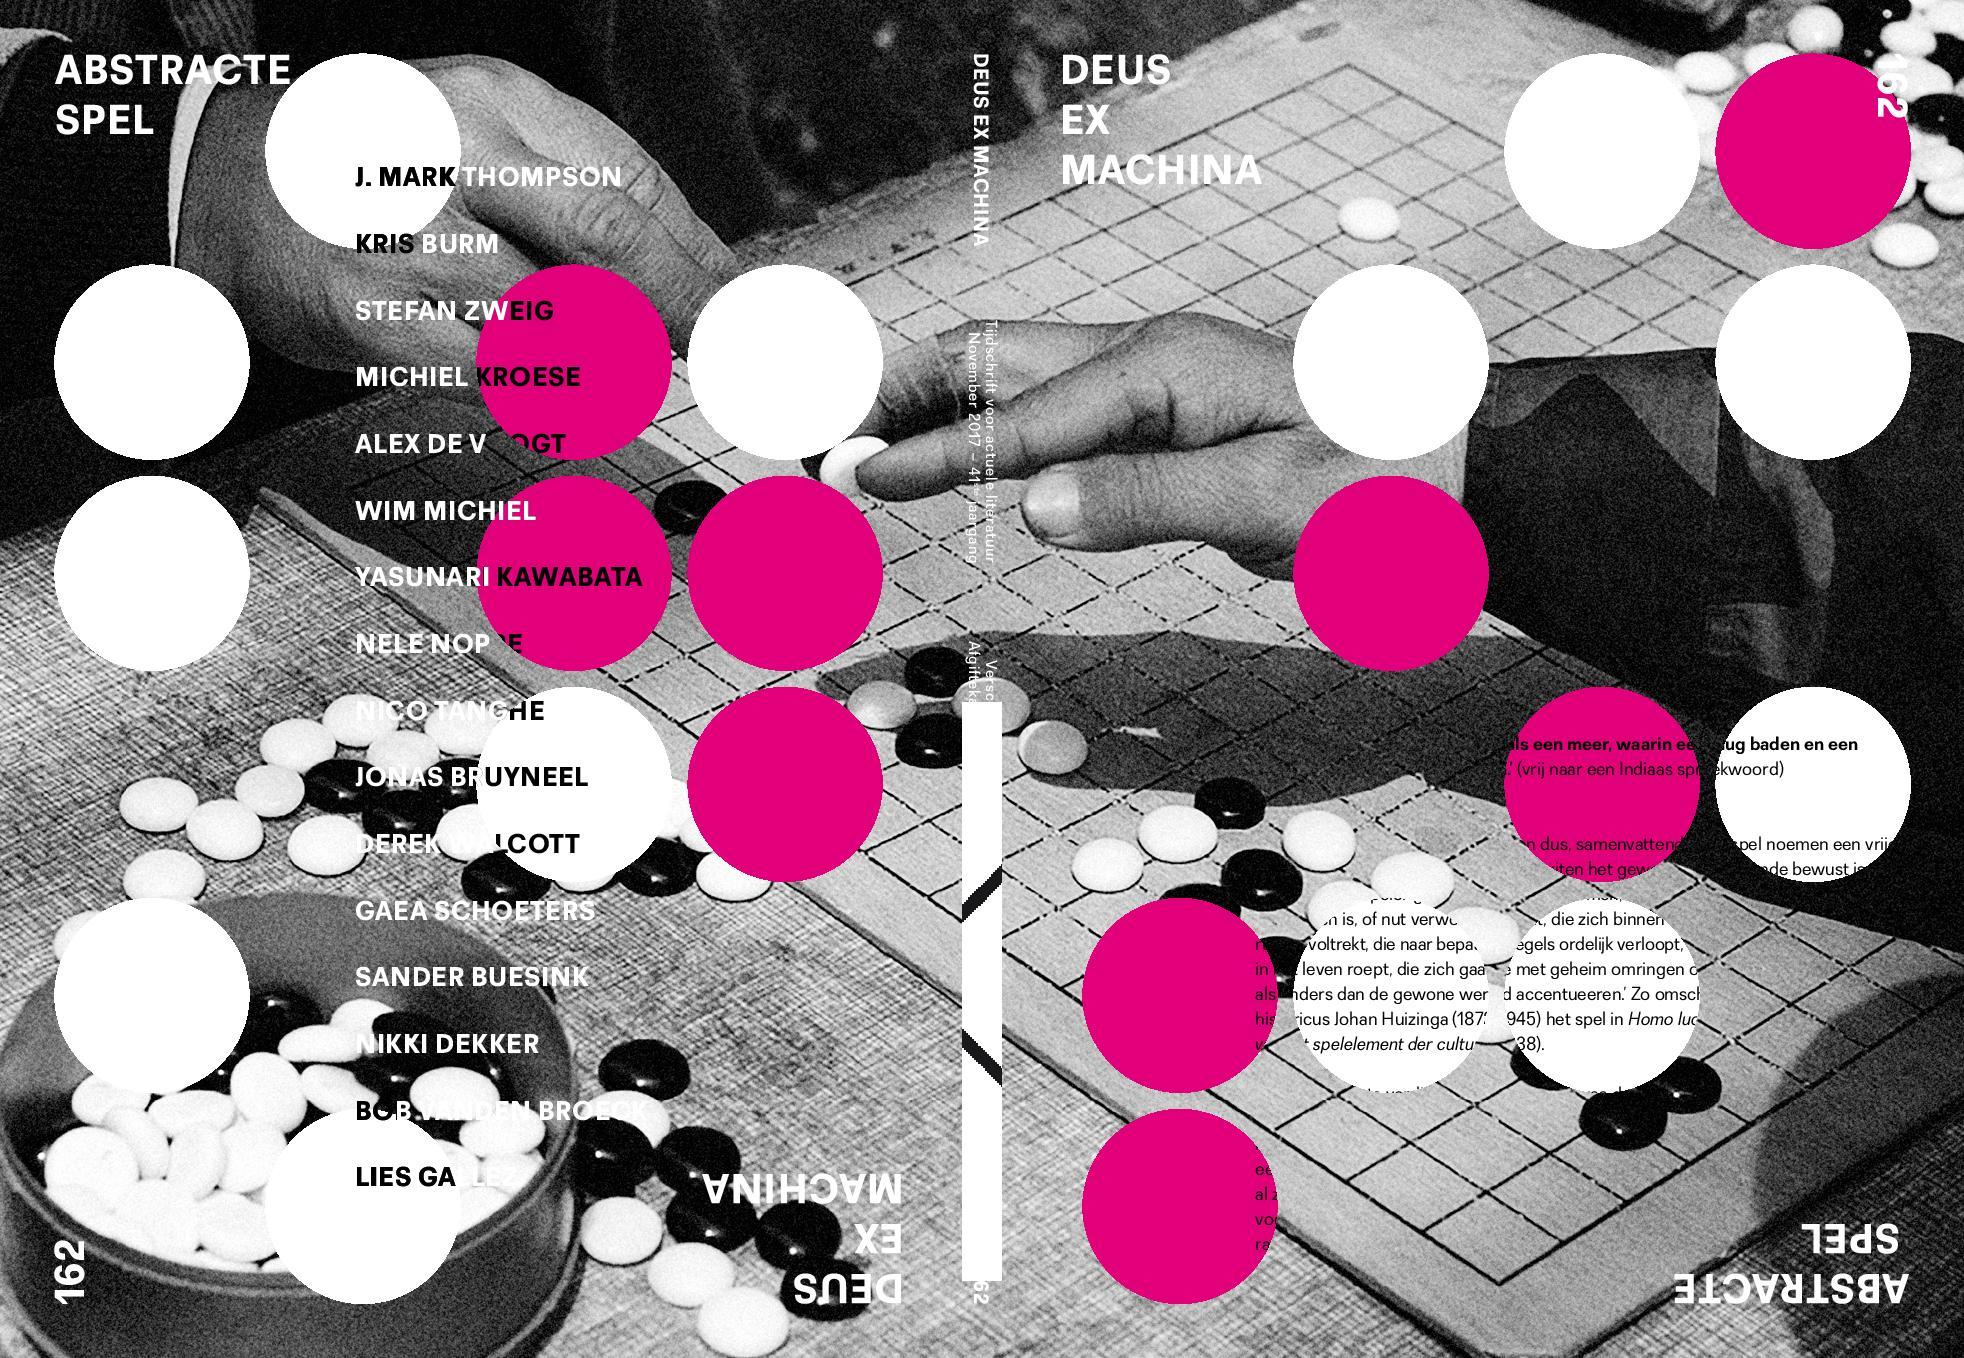 DEUS EX MACHINA NR 162: Het abstracte spel